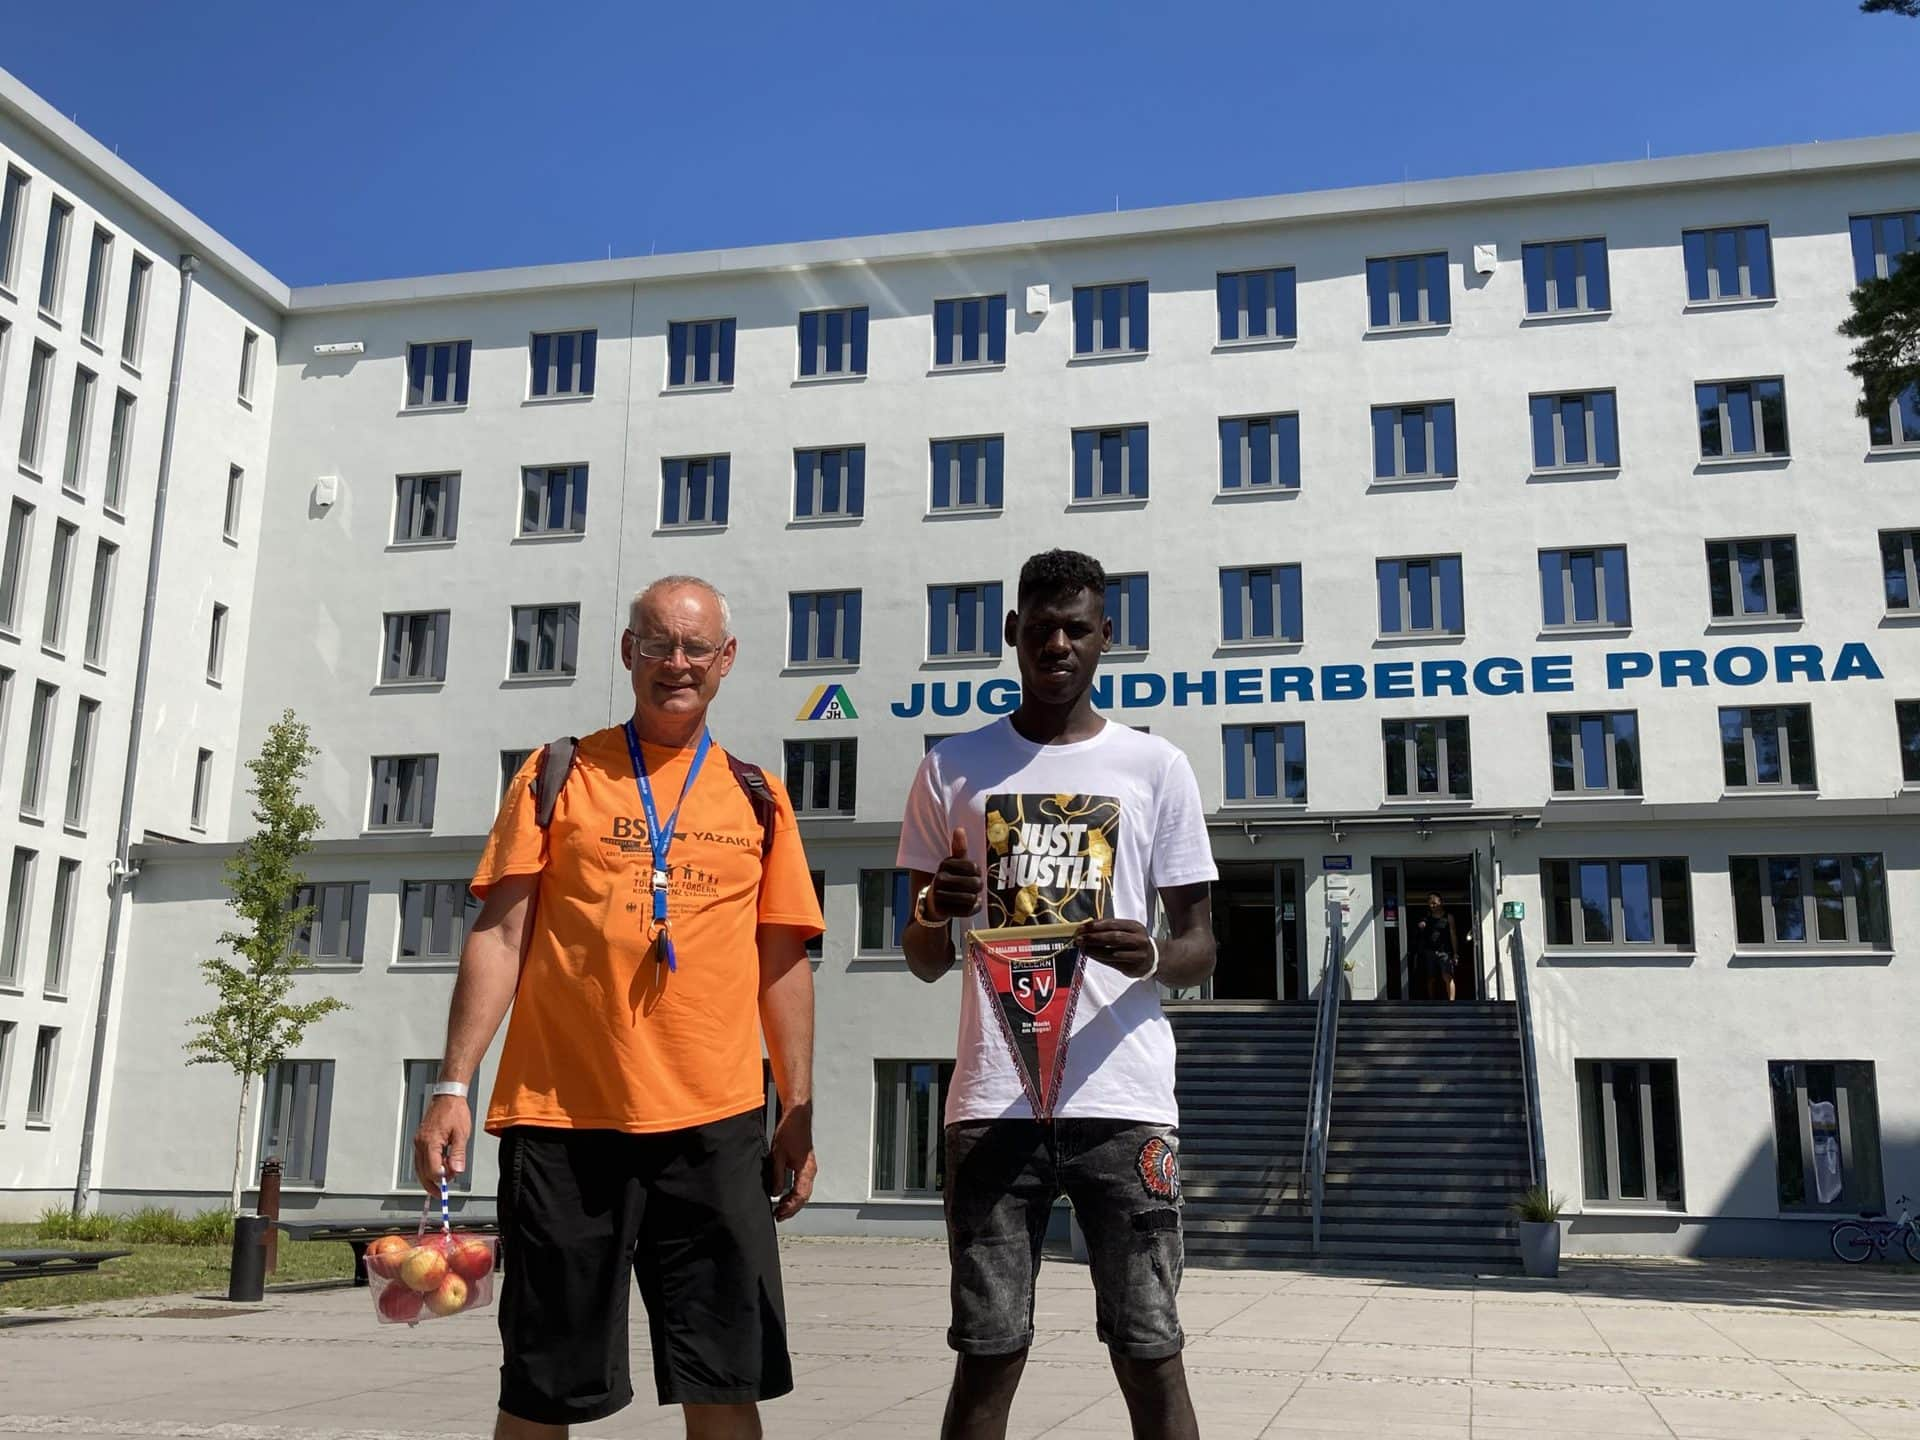 SV Sallern mit Jugendzeltlager an der Ostsee Wir möchten die Jugend motivieren und qualifizieren